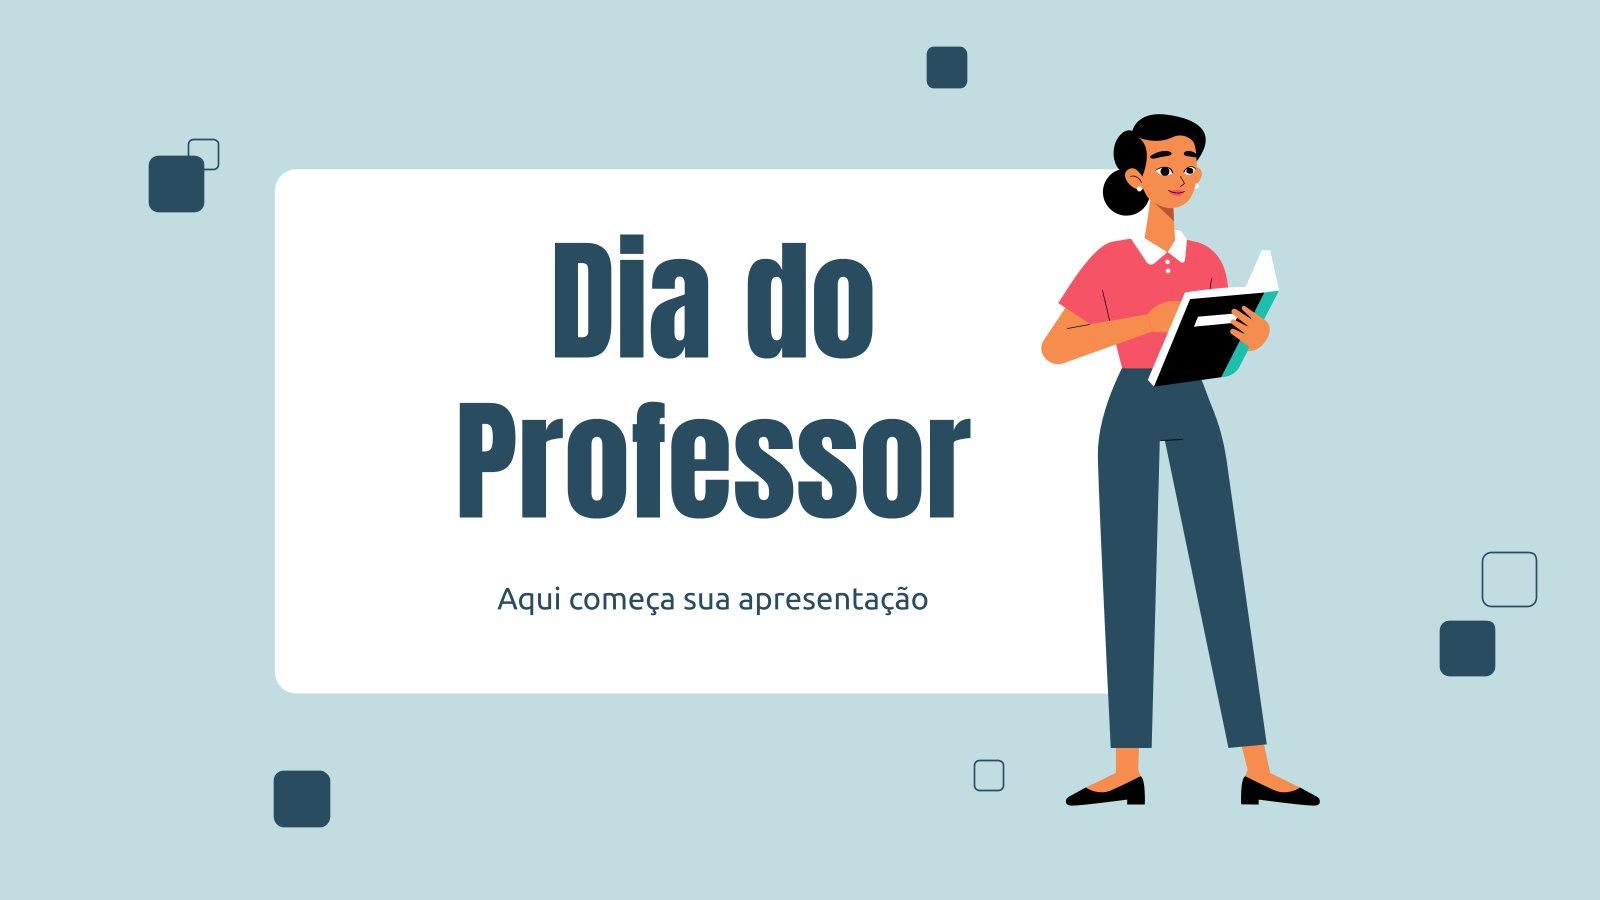 Journée des enseignants au Brésil : Modèles de présentation